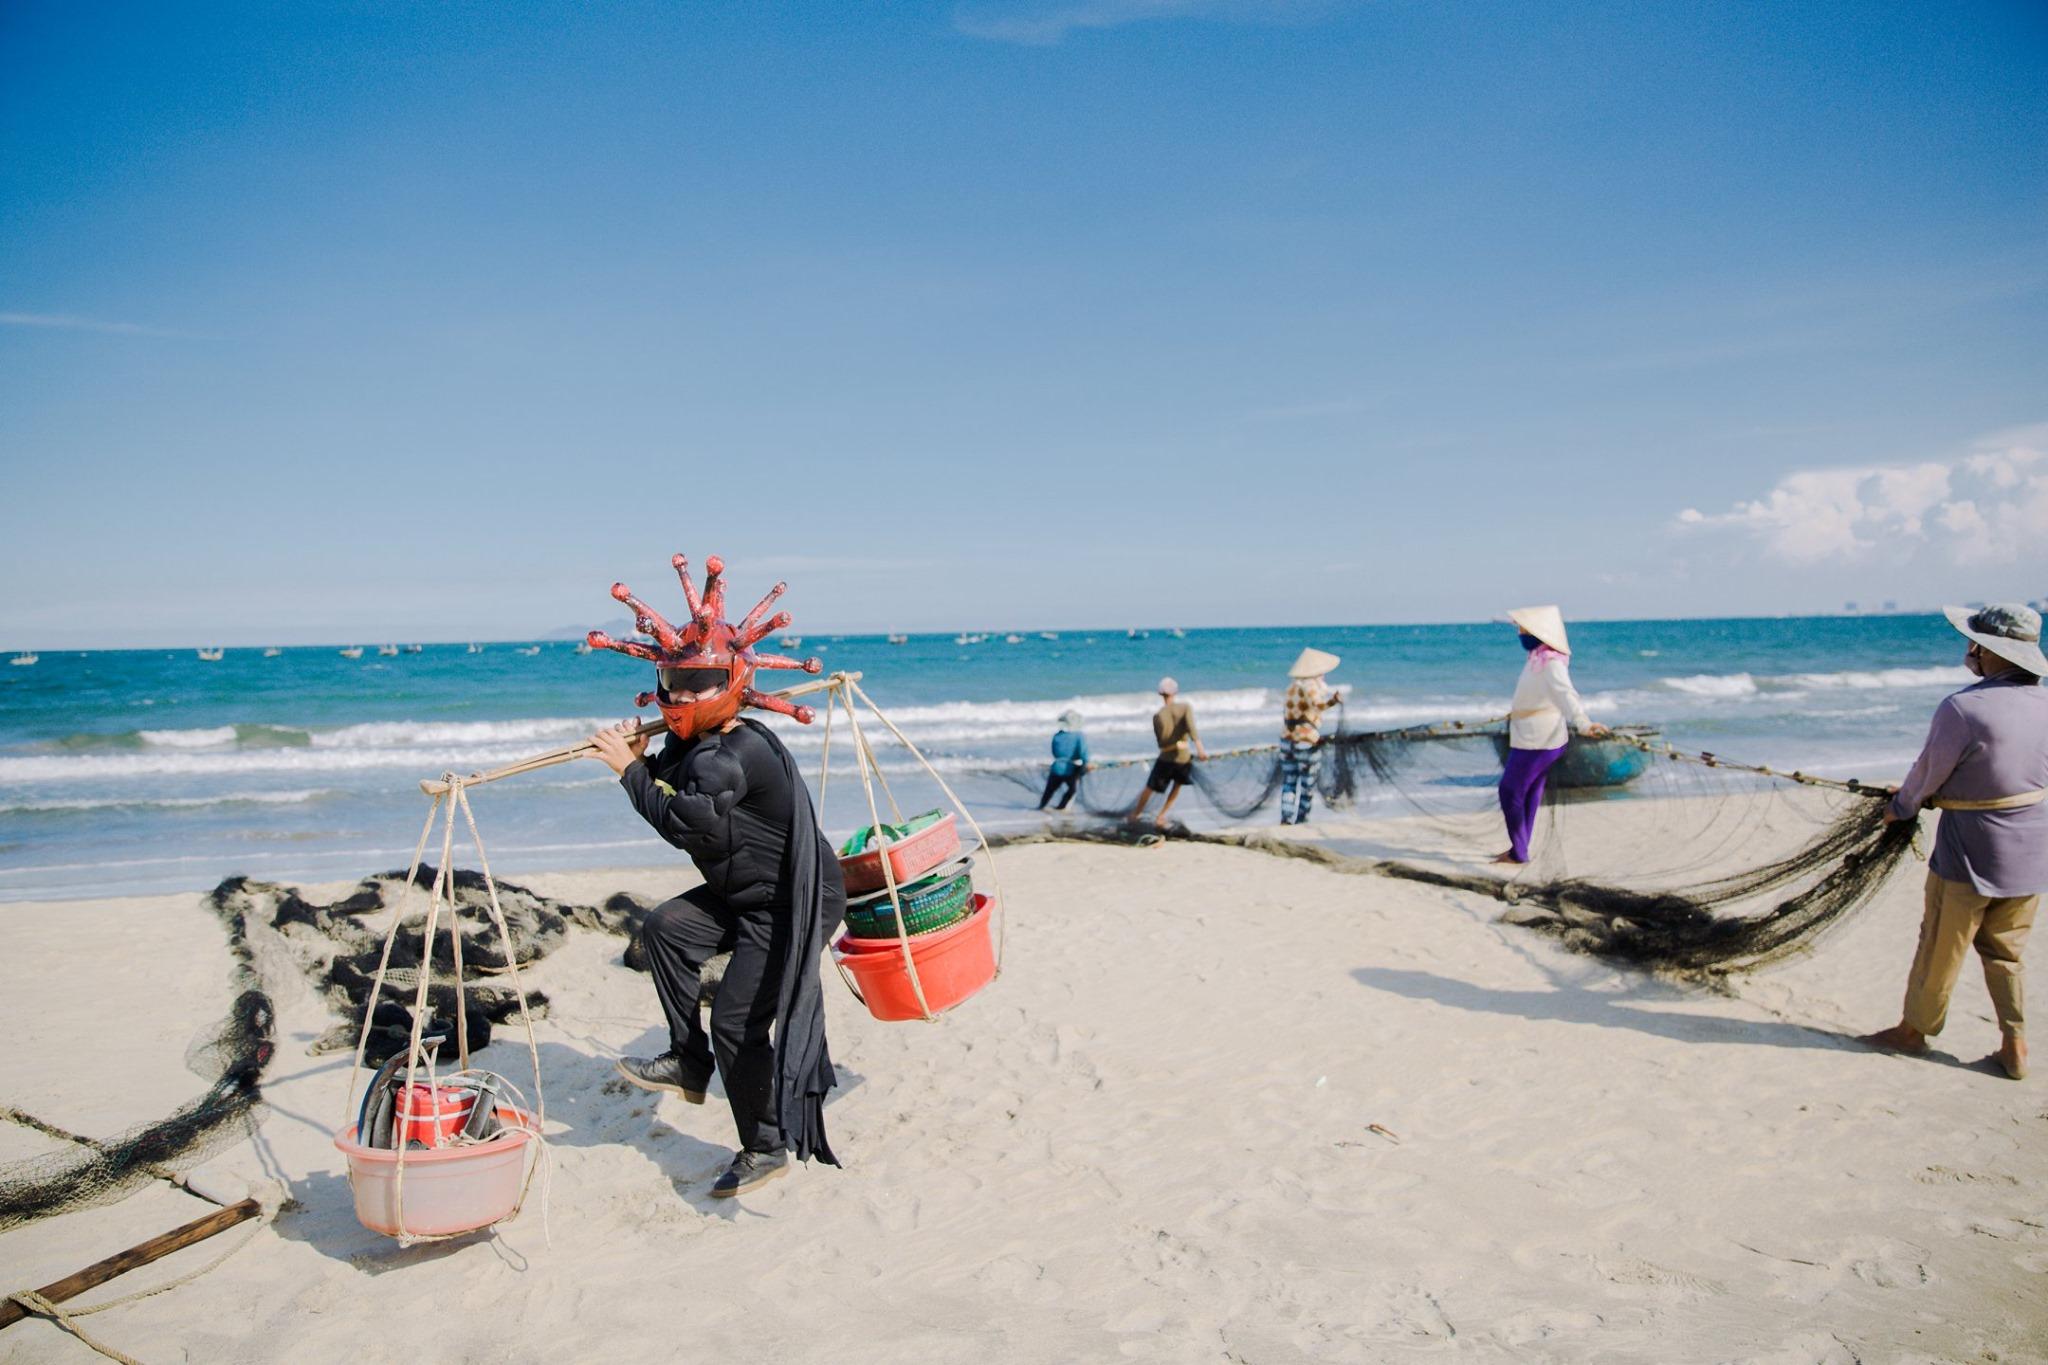 coronavirus funny pictures - beaches